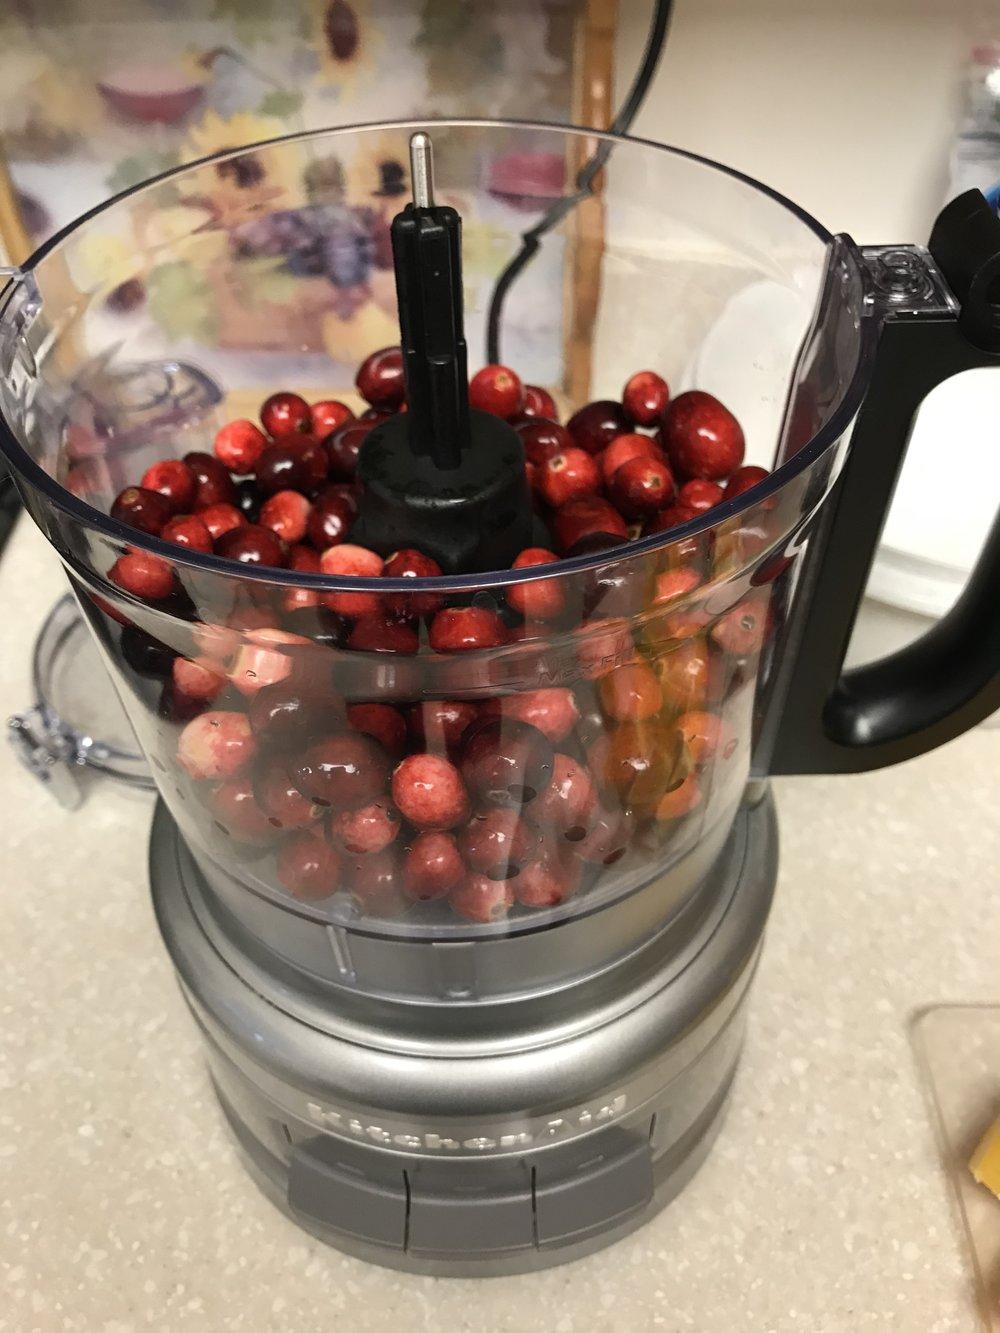 Chop half the cranberries...